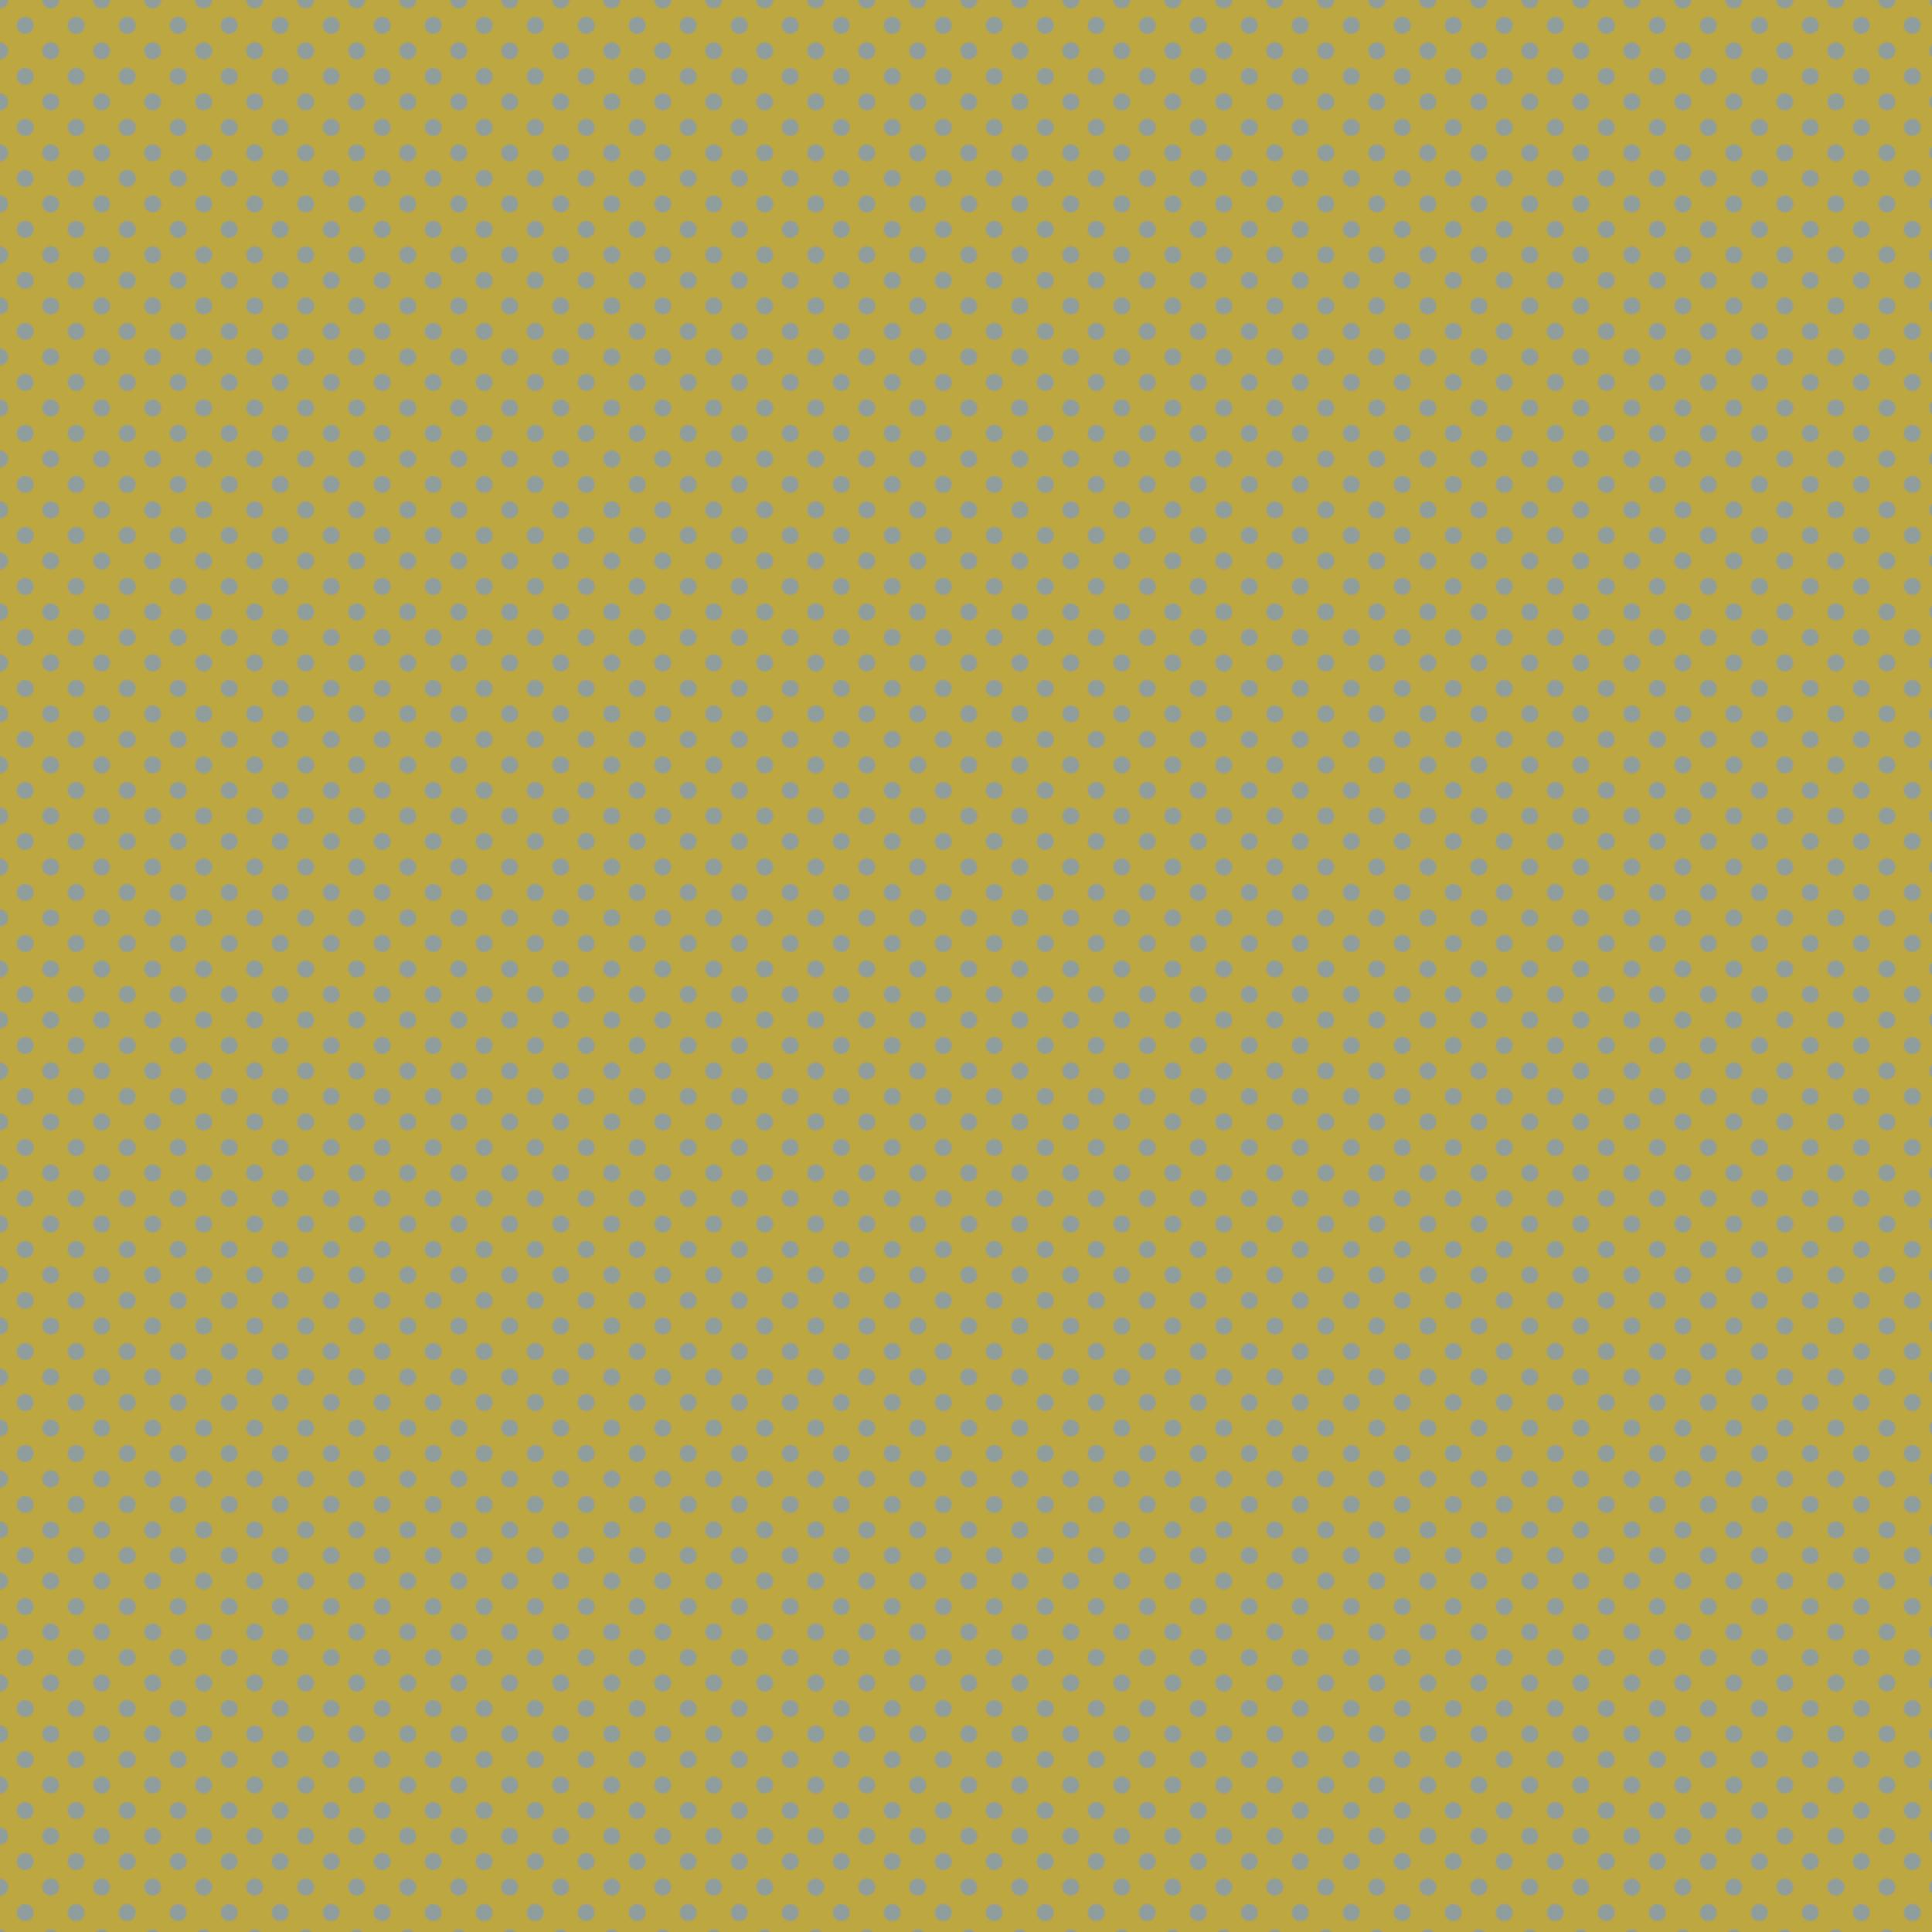 Fond Doré petits pois bleus sur fond doré | babanew